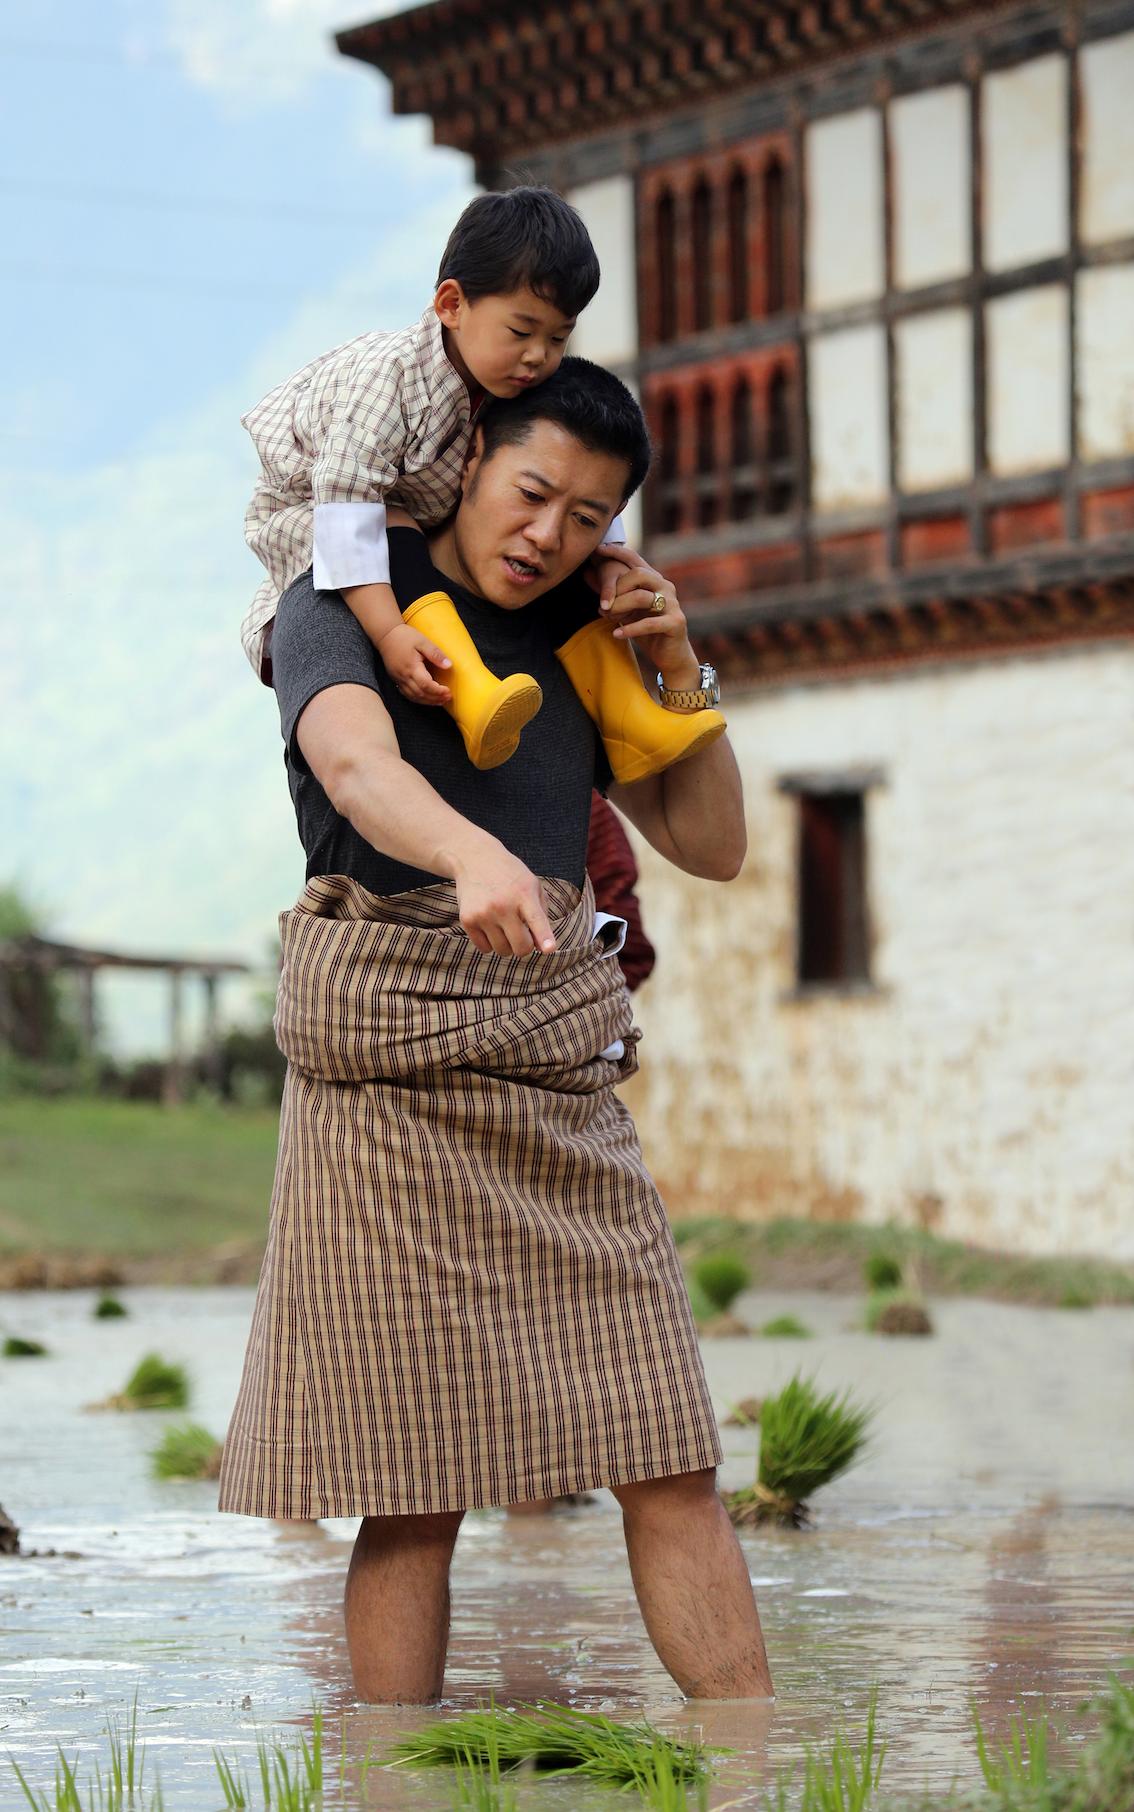 Wie lebt es sich im Himalaja-Königreich von König Jigme? Die Reportage bietet malerische Landschaftskulissen, aber vor allem den Blick dahinter: auf die Lebenswirklichkeit von Mönchen und Ministern, von kritischen Bloggern und vom Klimawandel bedrohten Bauern, von Tänzern und Tourismusführern.  ©Royal Office of Bhutan